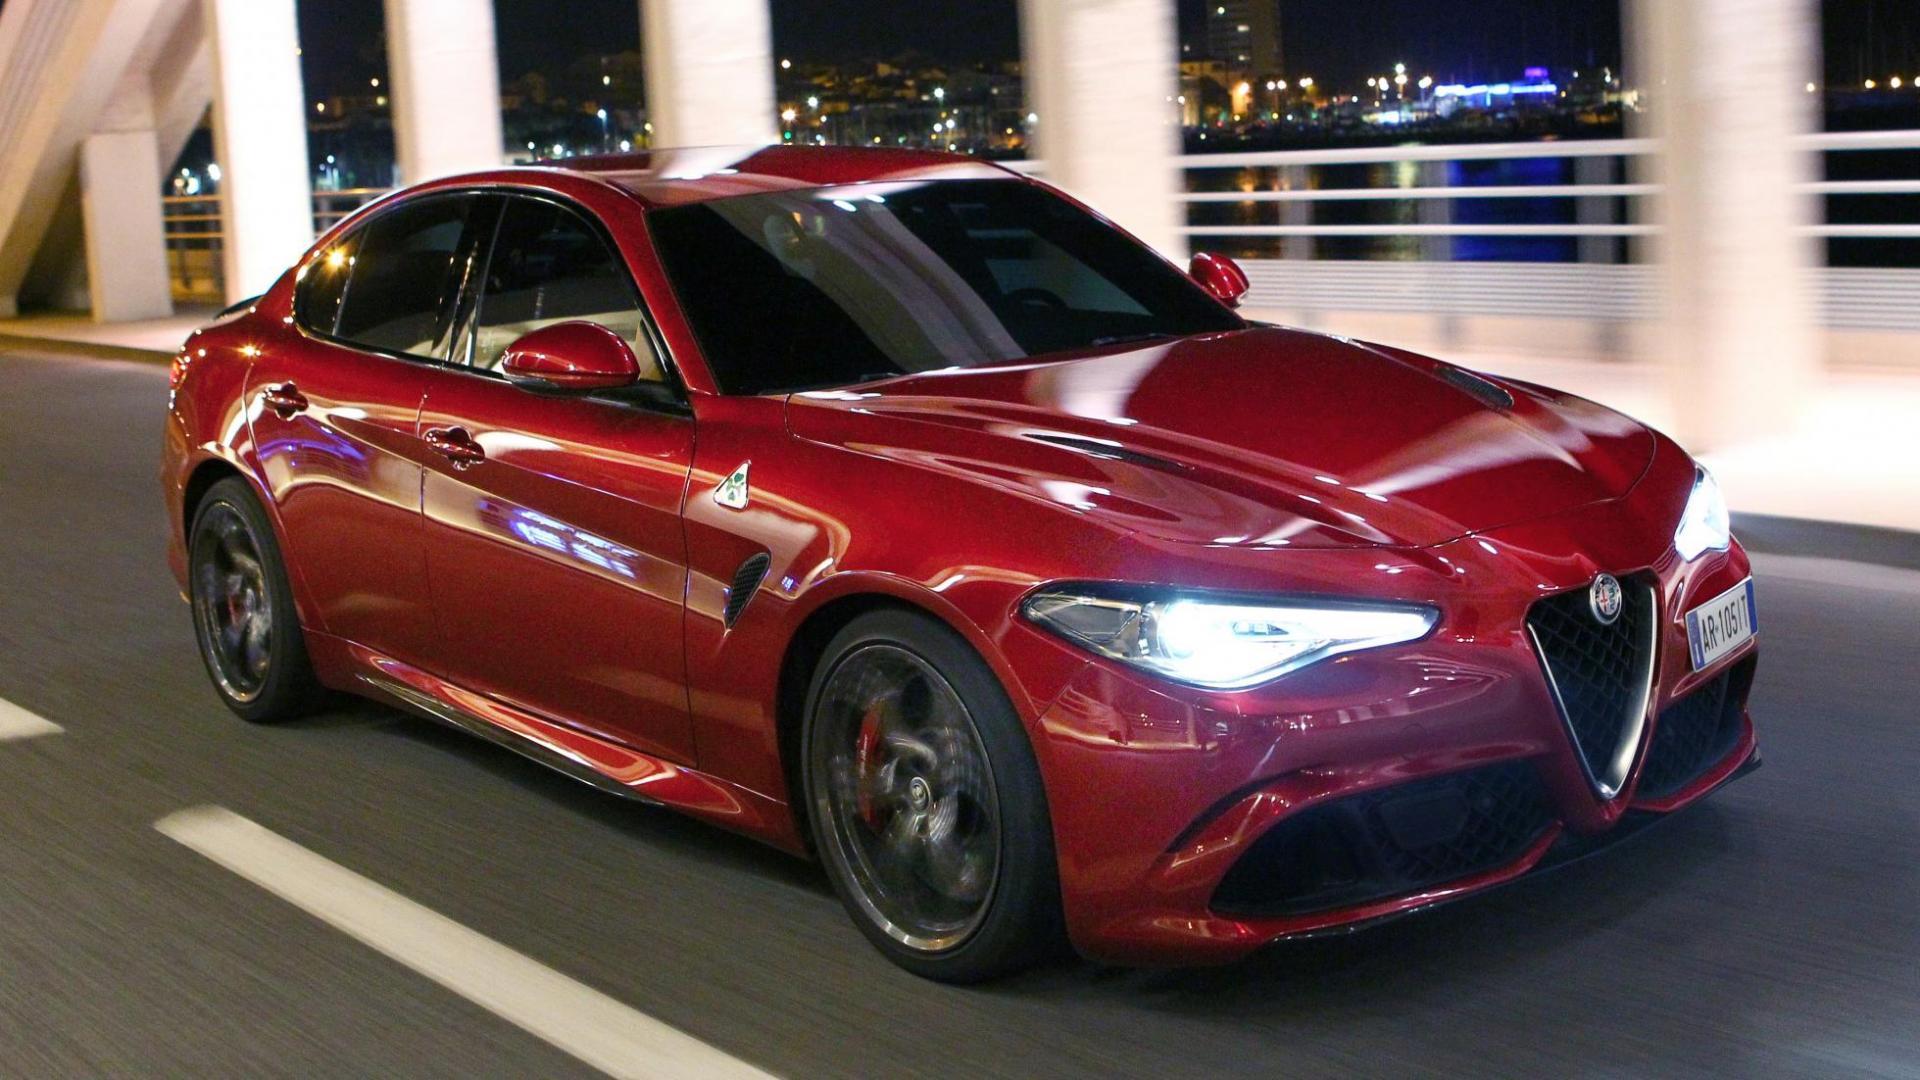 Alfa Romeo Giulia Qv 1e Rij Indruk Topgear